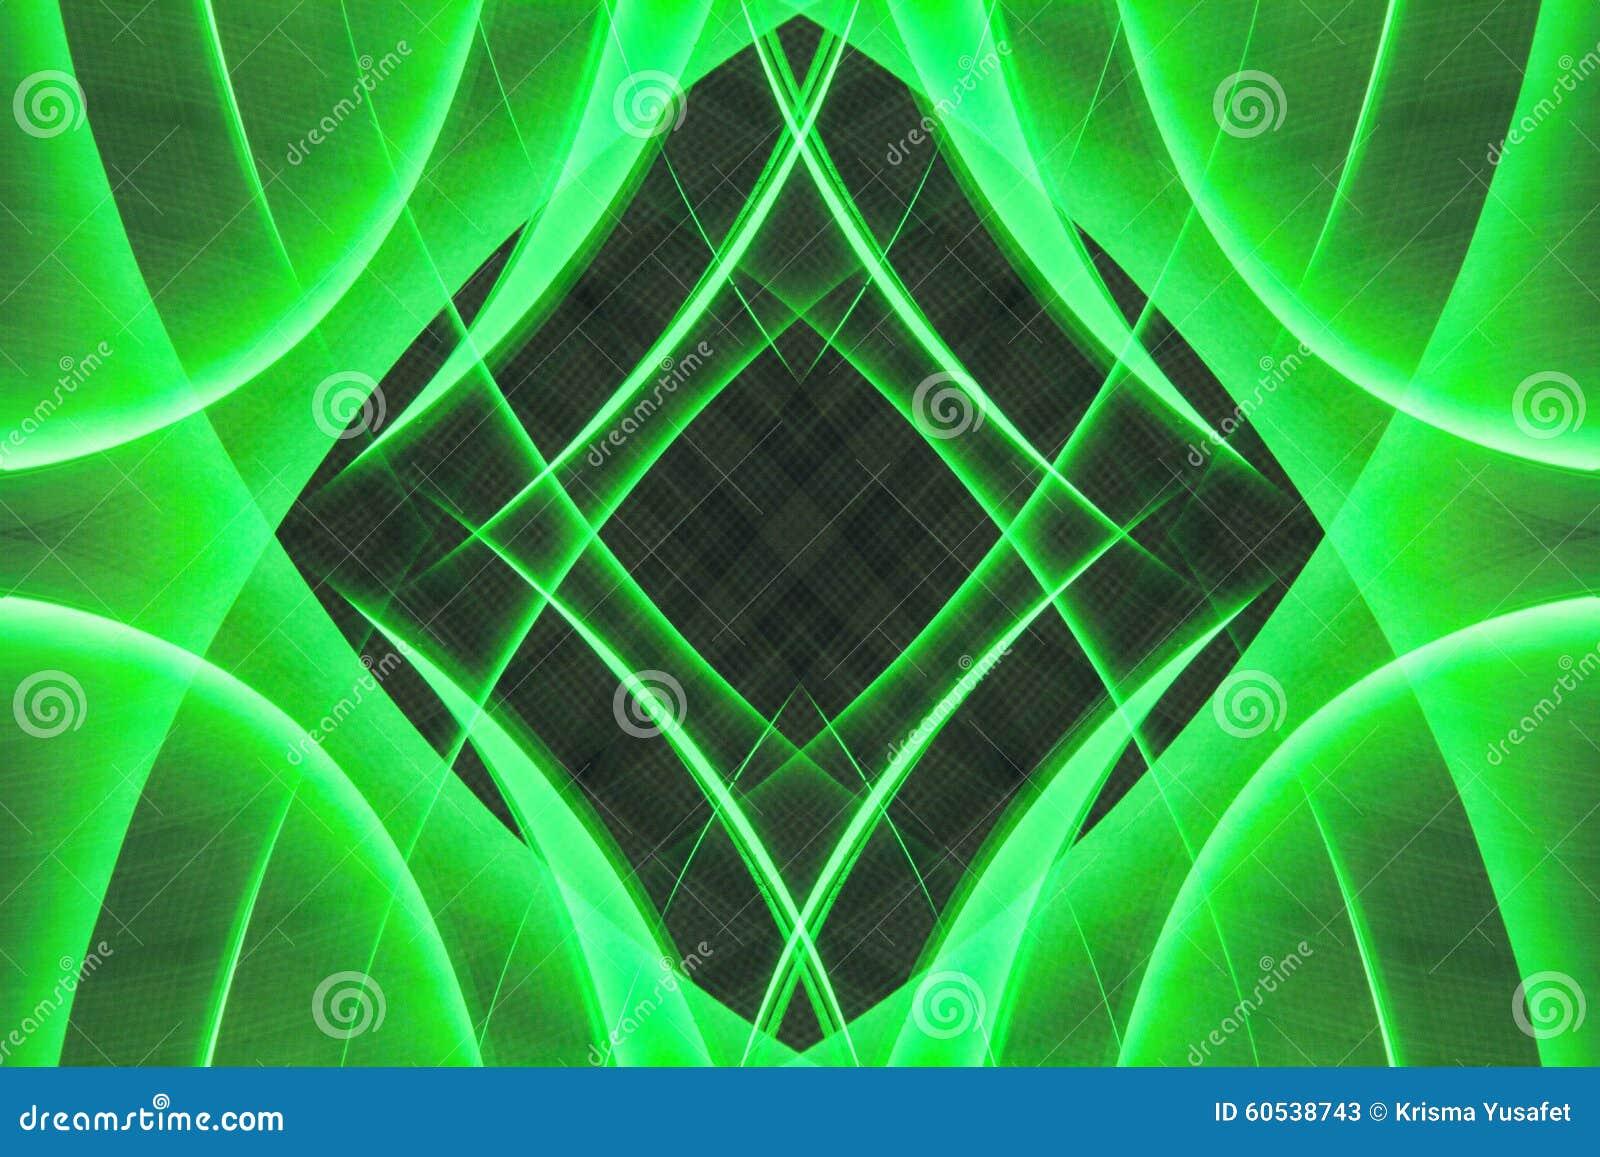 Abstrakte grüne Formen